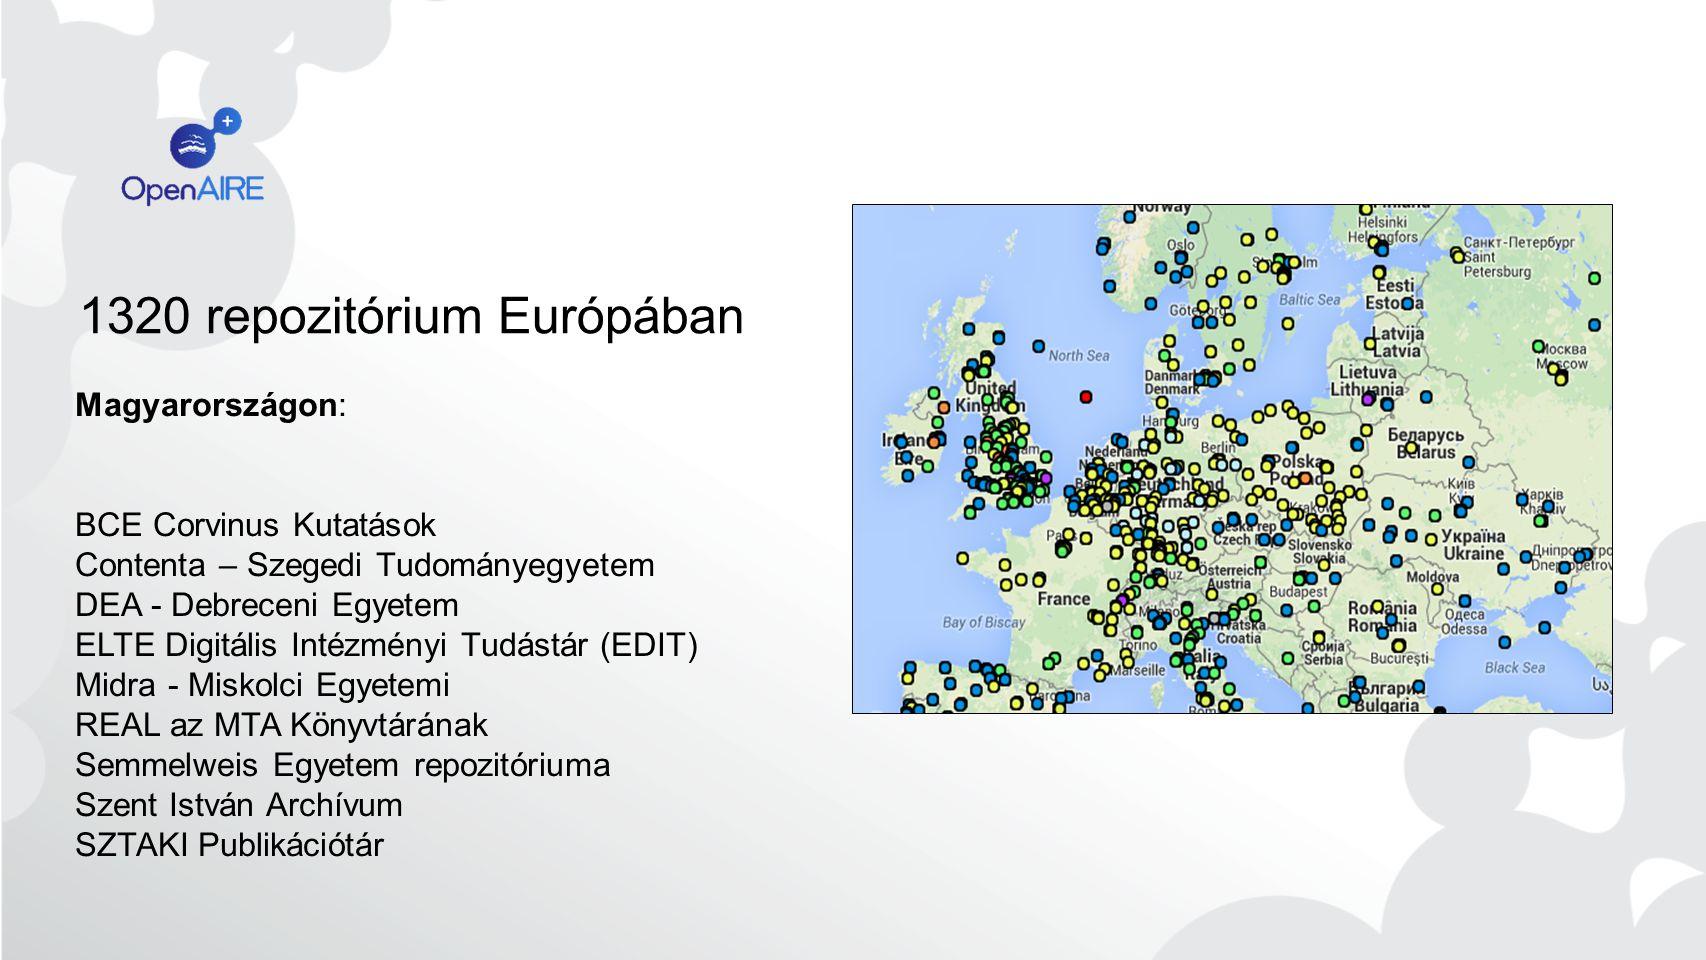 OpenAIRE2020 2015 január 42 hónap 50 partner 33 Nemzeti open access helpdesk pontok 7 Technikai partner 12 Tudományos szervezet 3 Adatközösség 3 Jogi szakértő Több projektet magában foglaló program OpenAIRE2020 - Overview20 CNR, ARC, UNIBI, ICM, UBONN, CERN, UoA EBI, Pangea, DANS UvA, UGOE, ICM UGOE, UMINHO, UGENT, CRIStin, eIFL, LIBER, JISC, COUPERIN, SURF, UCL, COAR, CLARA